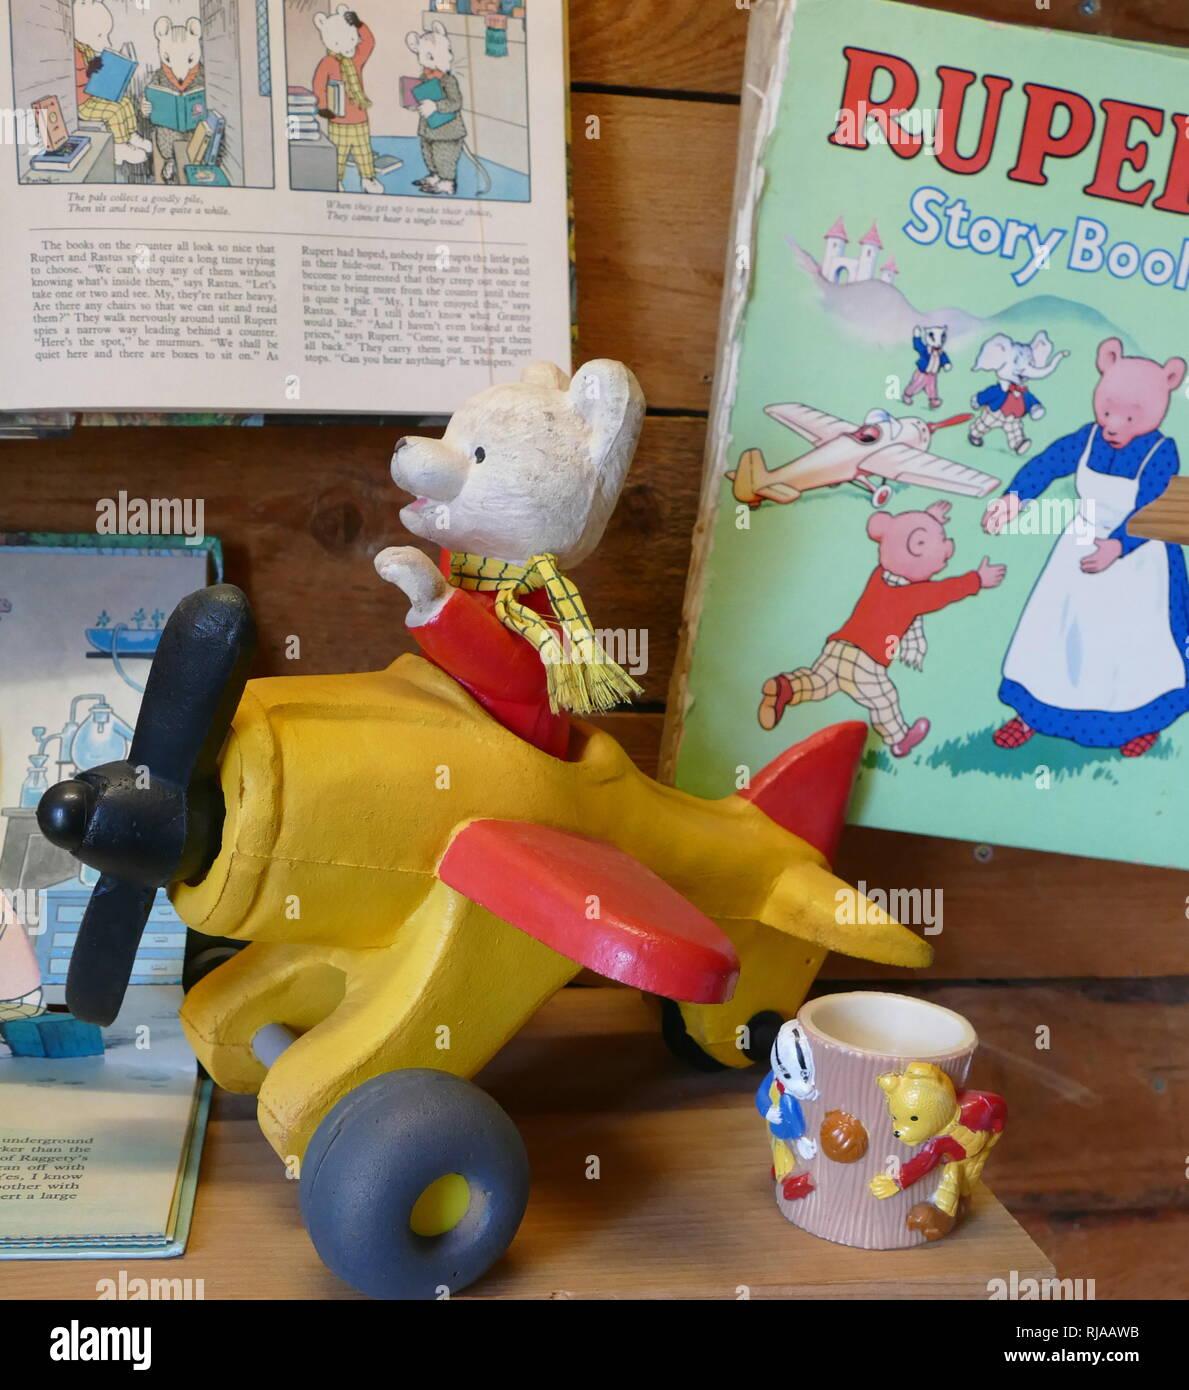 1930er Modell von Rupert Bär in einem Flugzeug. Rupert Bär; Kinder comic Charakter erstellt von der englischen Künstlerin Mary Tourtel und ersten Erscheinen in der Daily Express Zeitung am 8. November 1920. Stockbild